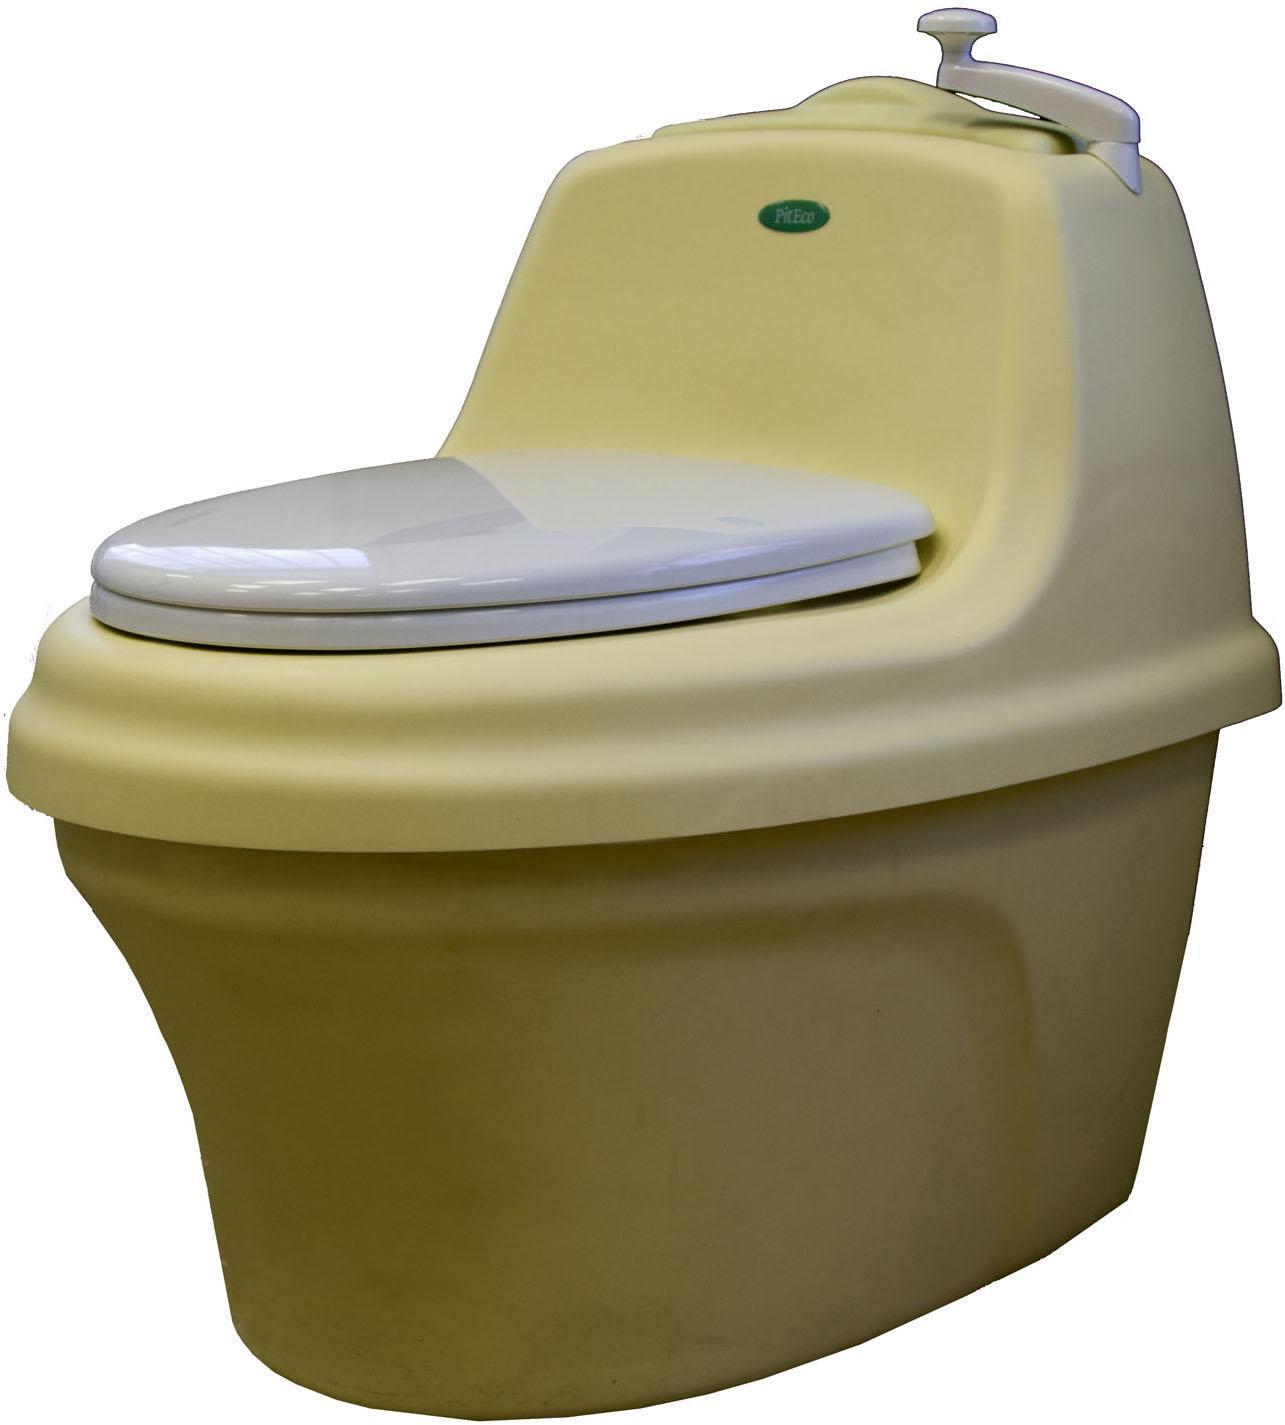 Биотуалет Piteco 201201Торфяной биотуалет Piteco – это автономный компостирующий туалет, которому не требуется подсоединения к системе канализации и водоснабжения. Конструкция биотуалета разработана с целью создания максимально благоприятных условий для компостирования органических отходов. Комплектация: соединительная муфта x1, комплект труб x1, совок x1, шланг для дренажа с хомутами x1, торфяная смесь 30л. x1, труба вентиляционная (длина 80 см, диаметр 75 мм) с соединительными муфтами x4, дренажный шланг x1, гофрошланг с соединительными хомутами x1